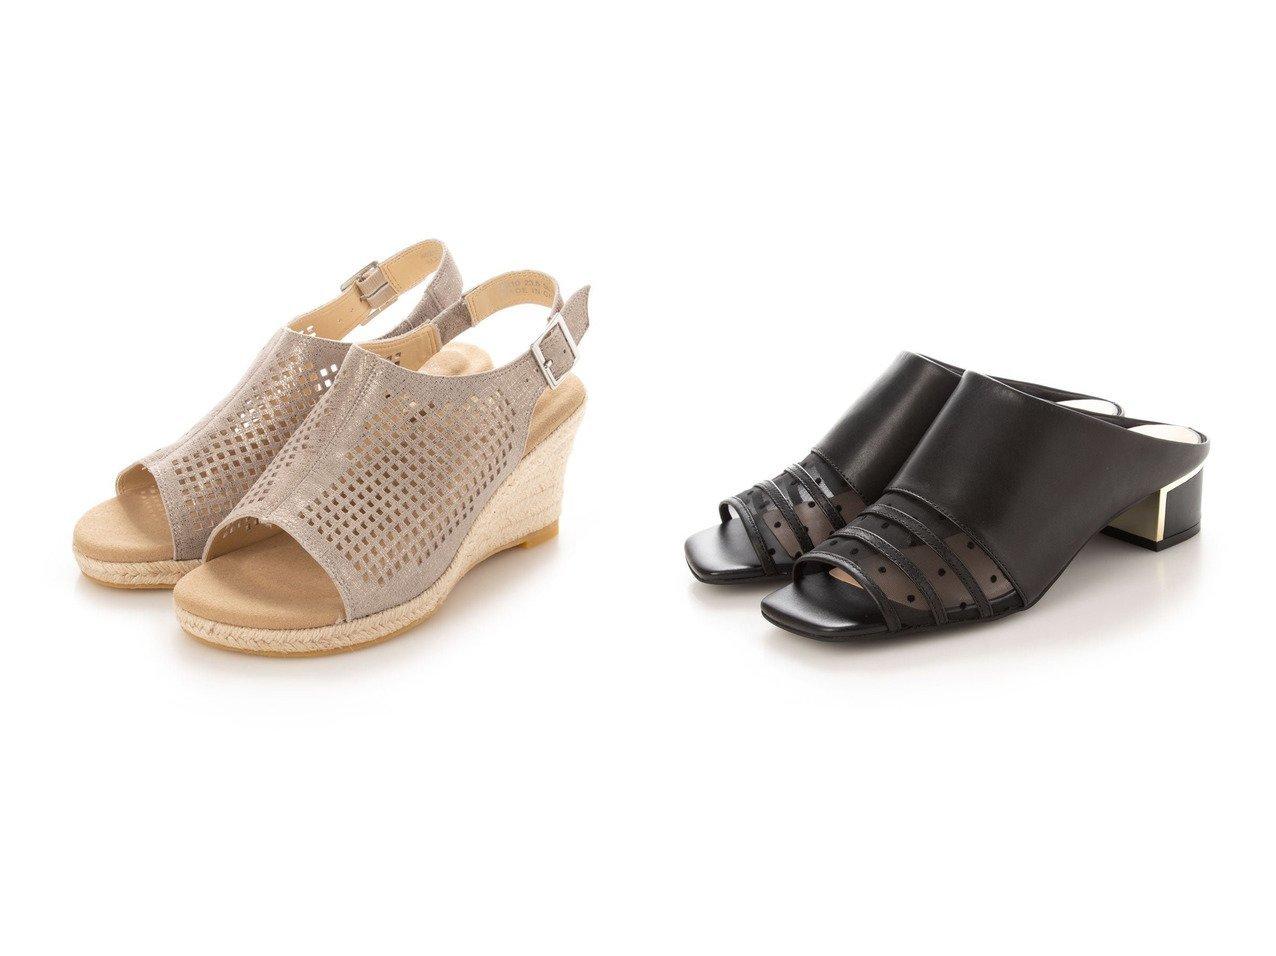 【PIEDI NUDI/ピエディヌーディ】の本革 パンチング加工 サボ風サンダル&スェードレザー サボサンダル 【シューズ・靴】おすすめ!人気、トレンド・レディースファッションの通販 おすすめで人気の流行・トレンド、ファッションの通販商品 インテリア・家具・メンズファッション・キッズファッション・レディースファッション・服の通販 founy(ファニー) https://founy.com/ ファッション Fashion レディースファッション WOMEN イタリア オープントゥ 春 Spring サンダル スタイリッシュ ソックス トレンド フィット フォルム リアル 2021年 2021 S/S・春夏 SS・Spring/Summer 2021春夏・S/S SS/Spring/Summer/2021 夏 Summer |ID:crp329100000048164